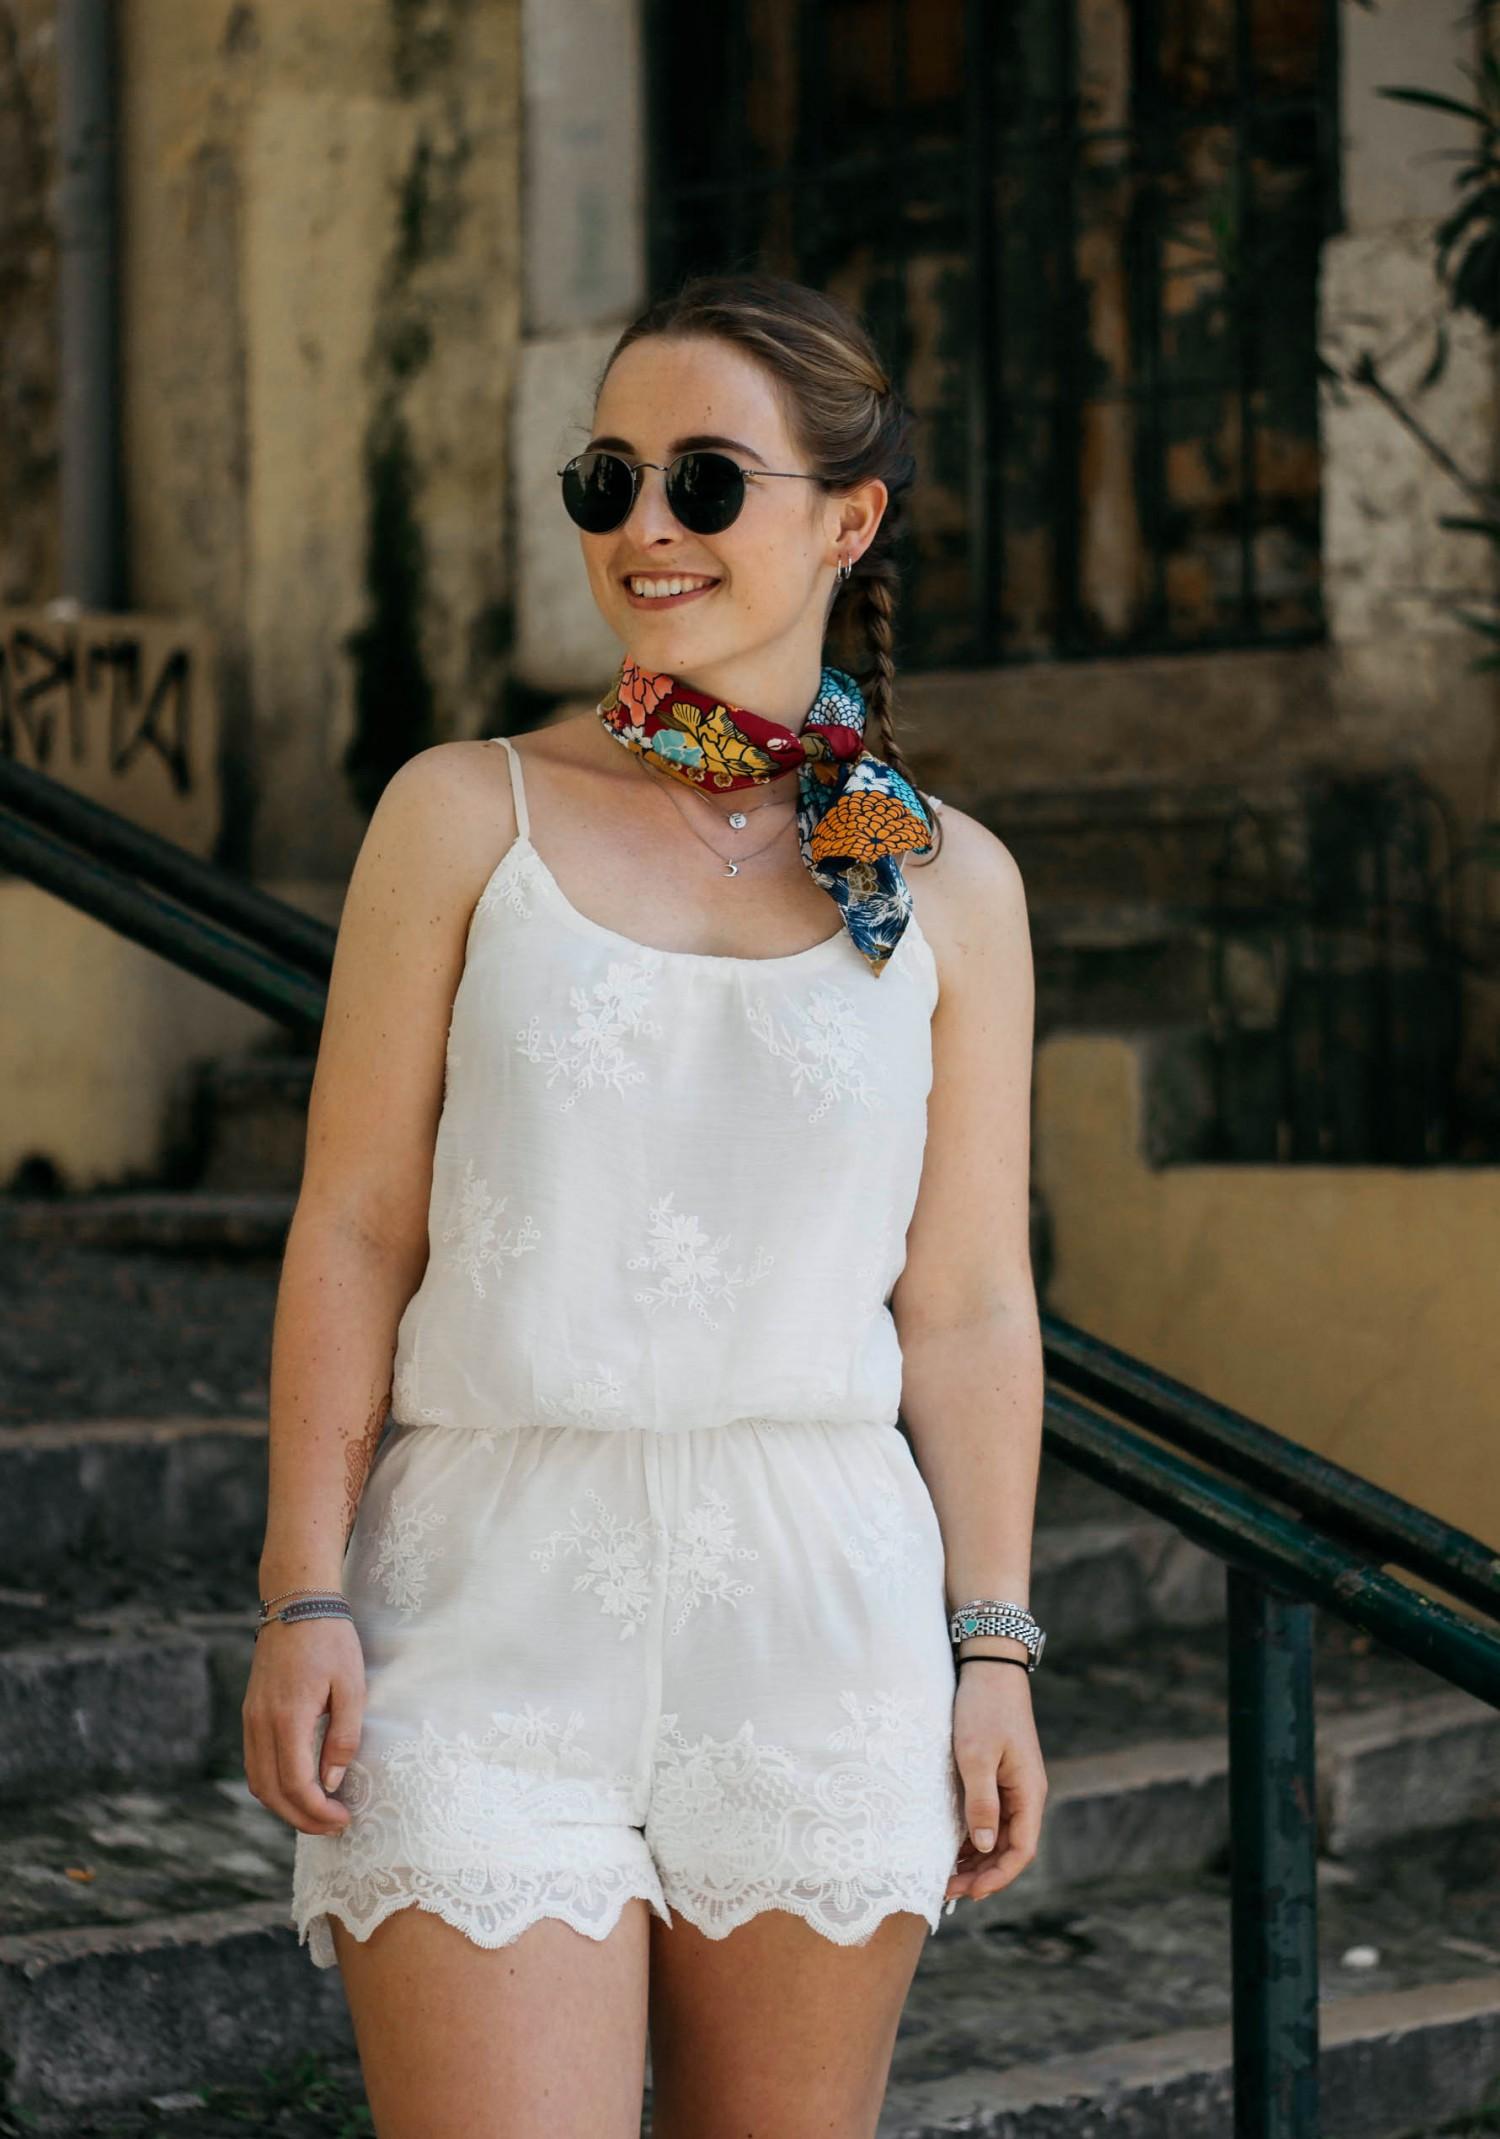 Lissabon outfit